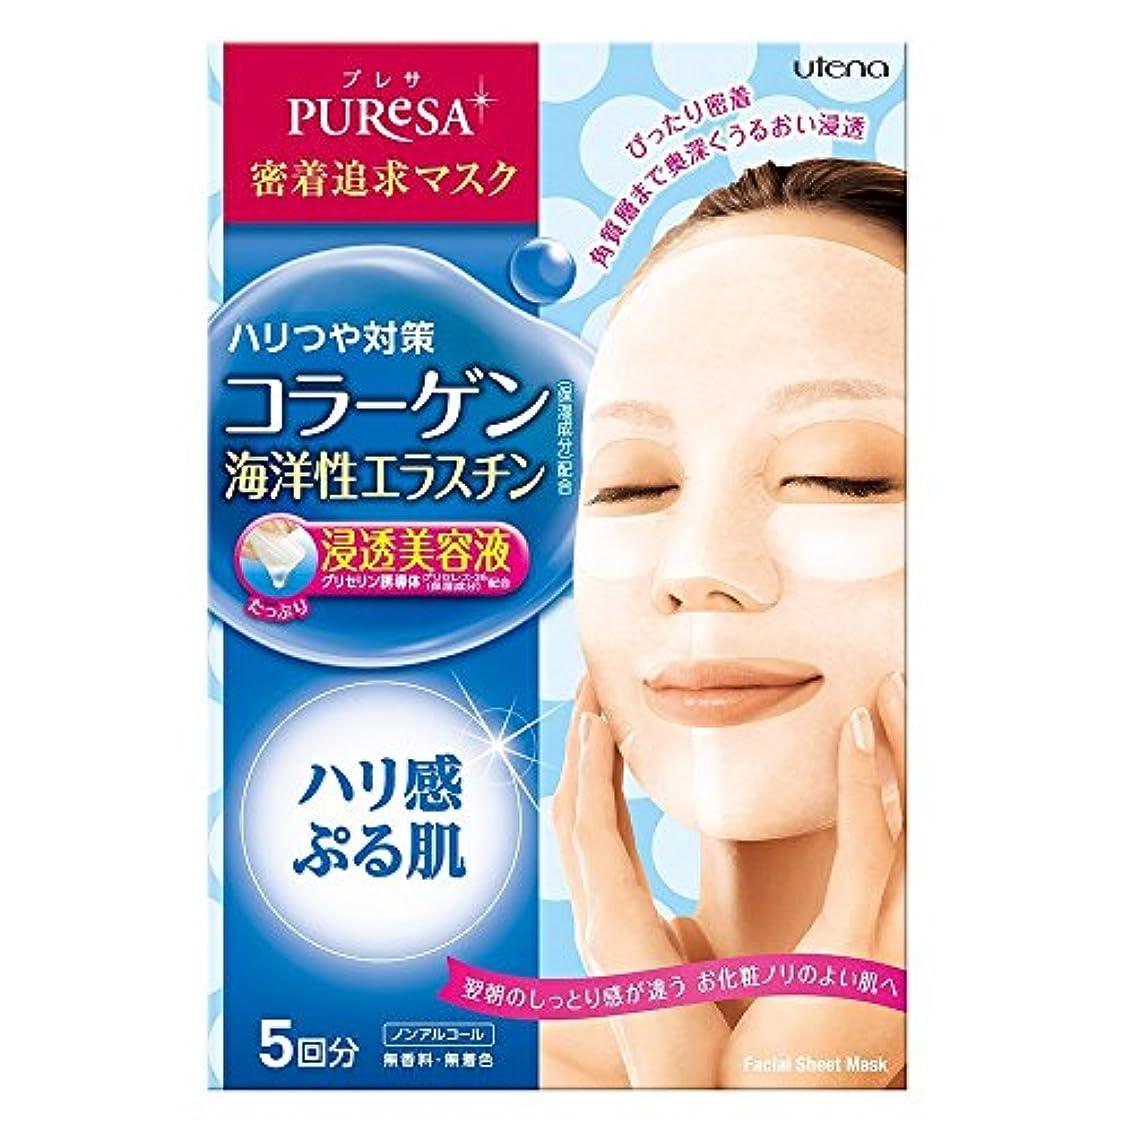 収束コンプリート困難puresa(プレサ) シートマスク コラーゲン 15mL×5枚入 × 6個